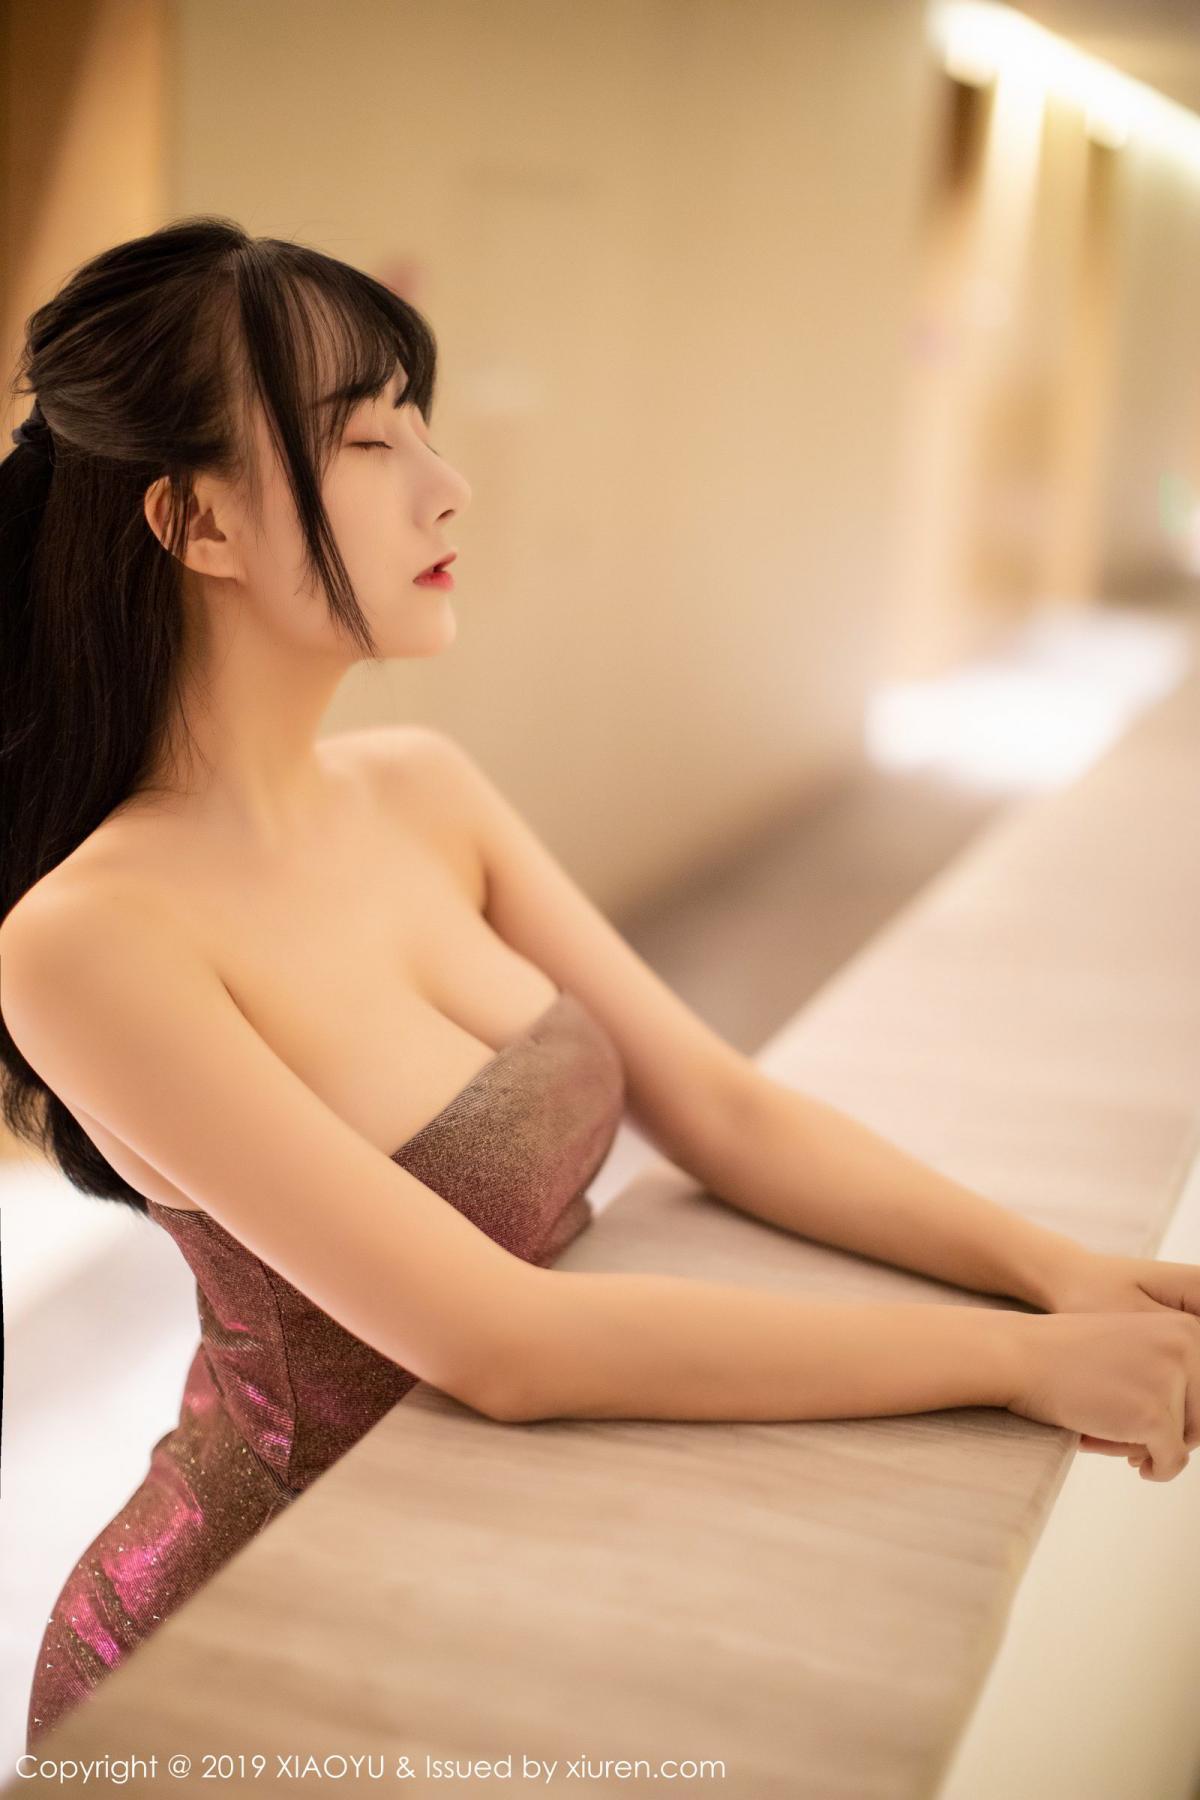 [XiaoYu] Vol.159 He Jia Ying 9P, He Jia Ying, Tall, XiaoYu